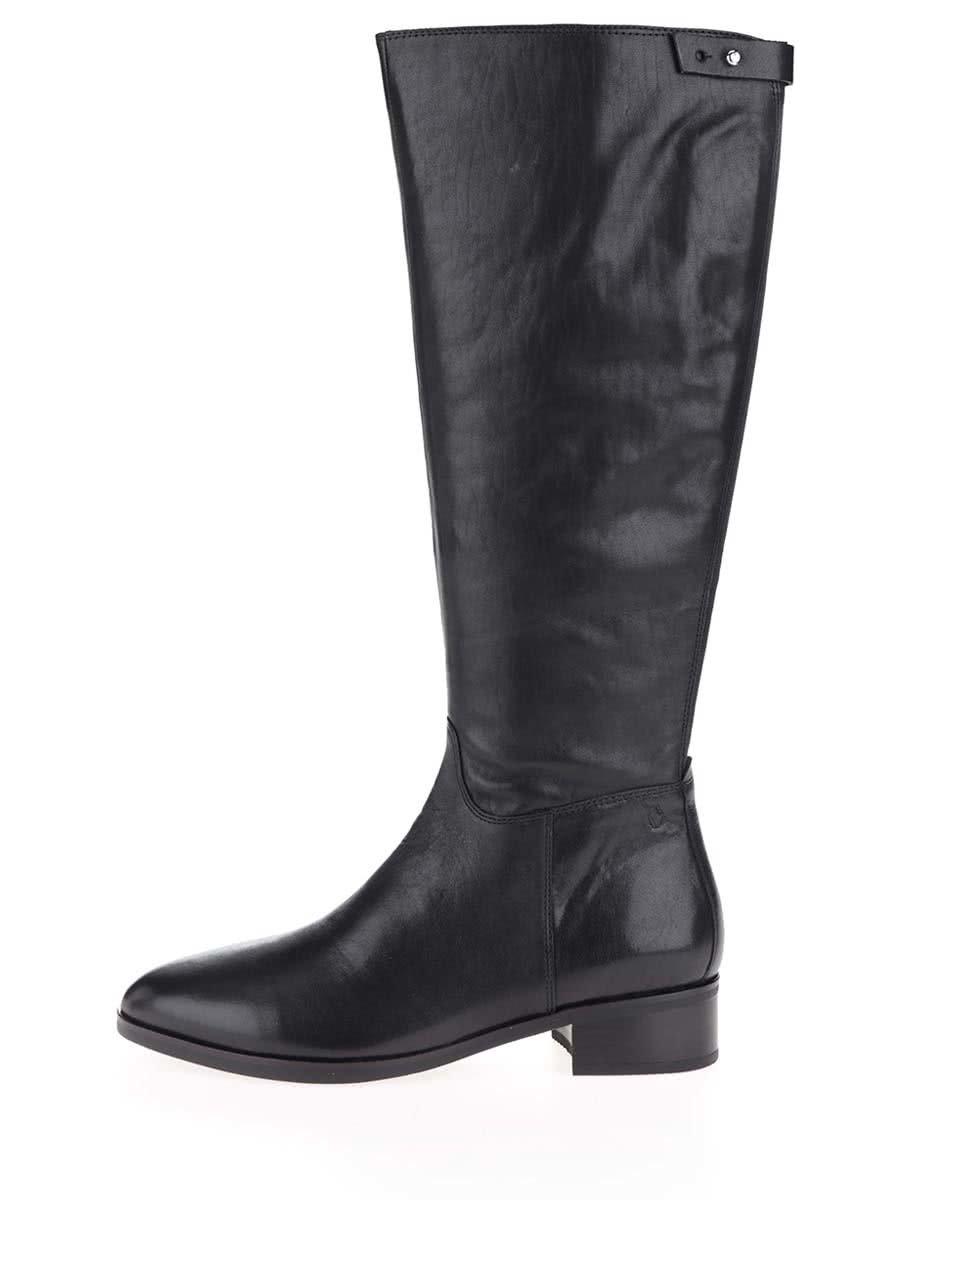 596d11062 Čierne dámske kožené vysoké čižmy Elaine Vagabond | ZOOT.sk